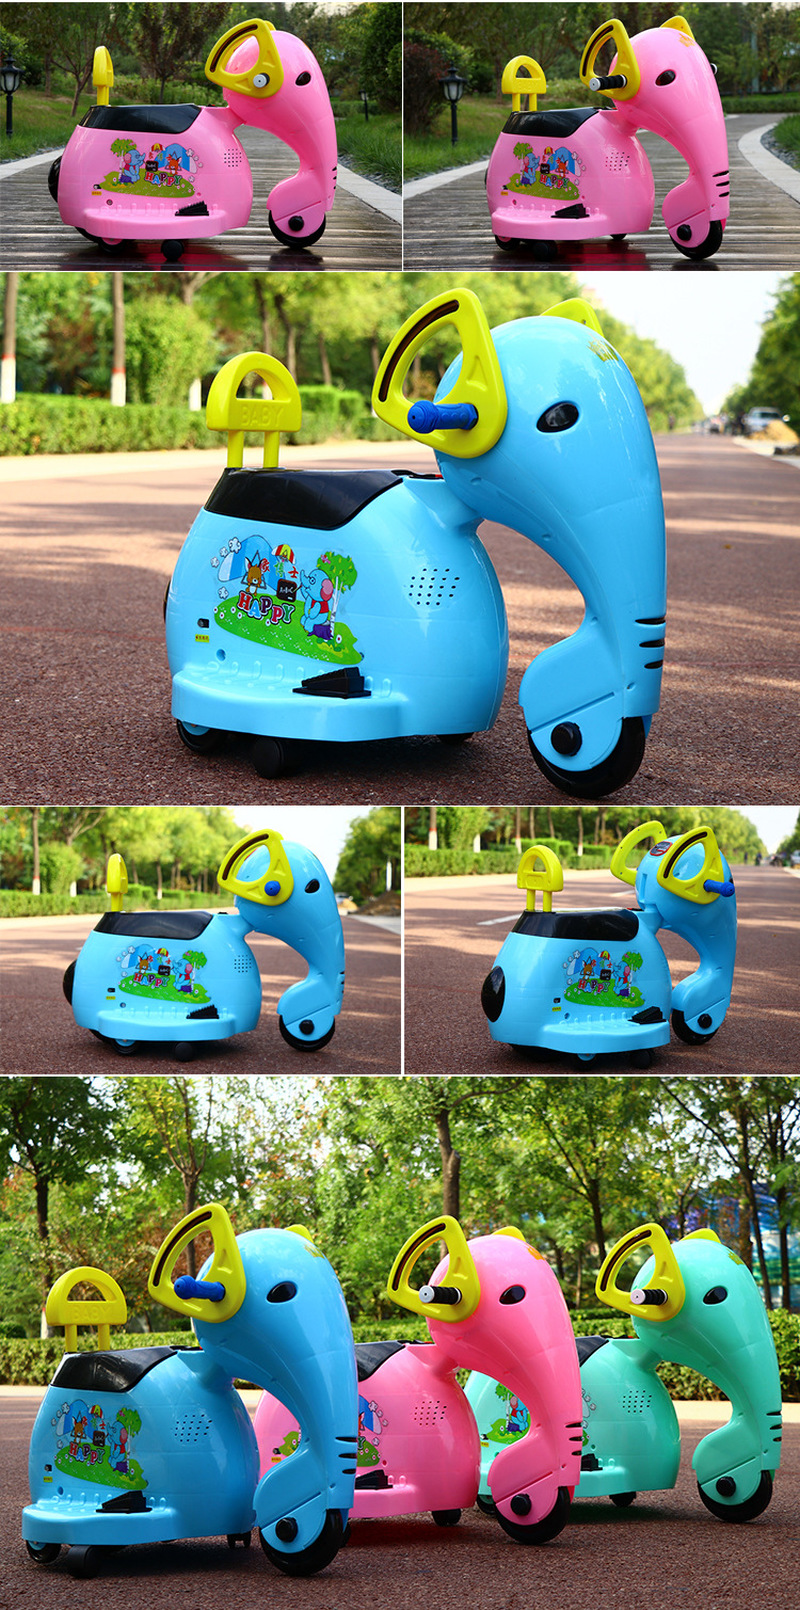 2019 éléphant enfants moto électrique 1-8 ans bébé jouet voiture enfants monter sur voiture tour électrique sur moto voitures pour enfants - 5